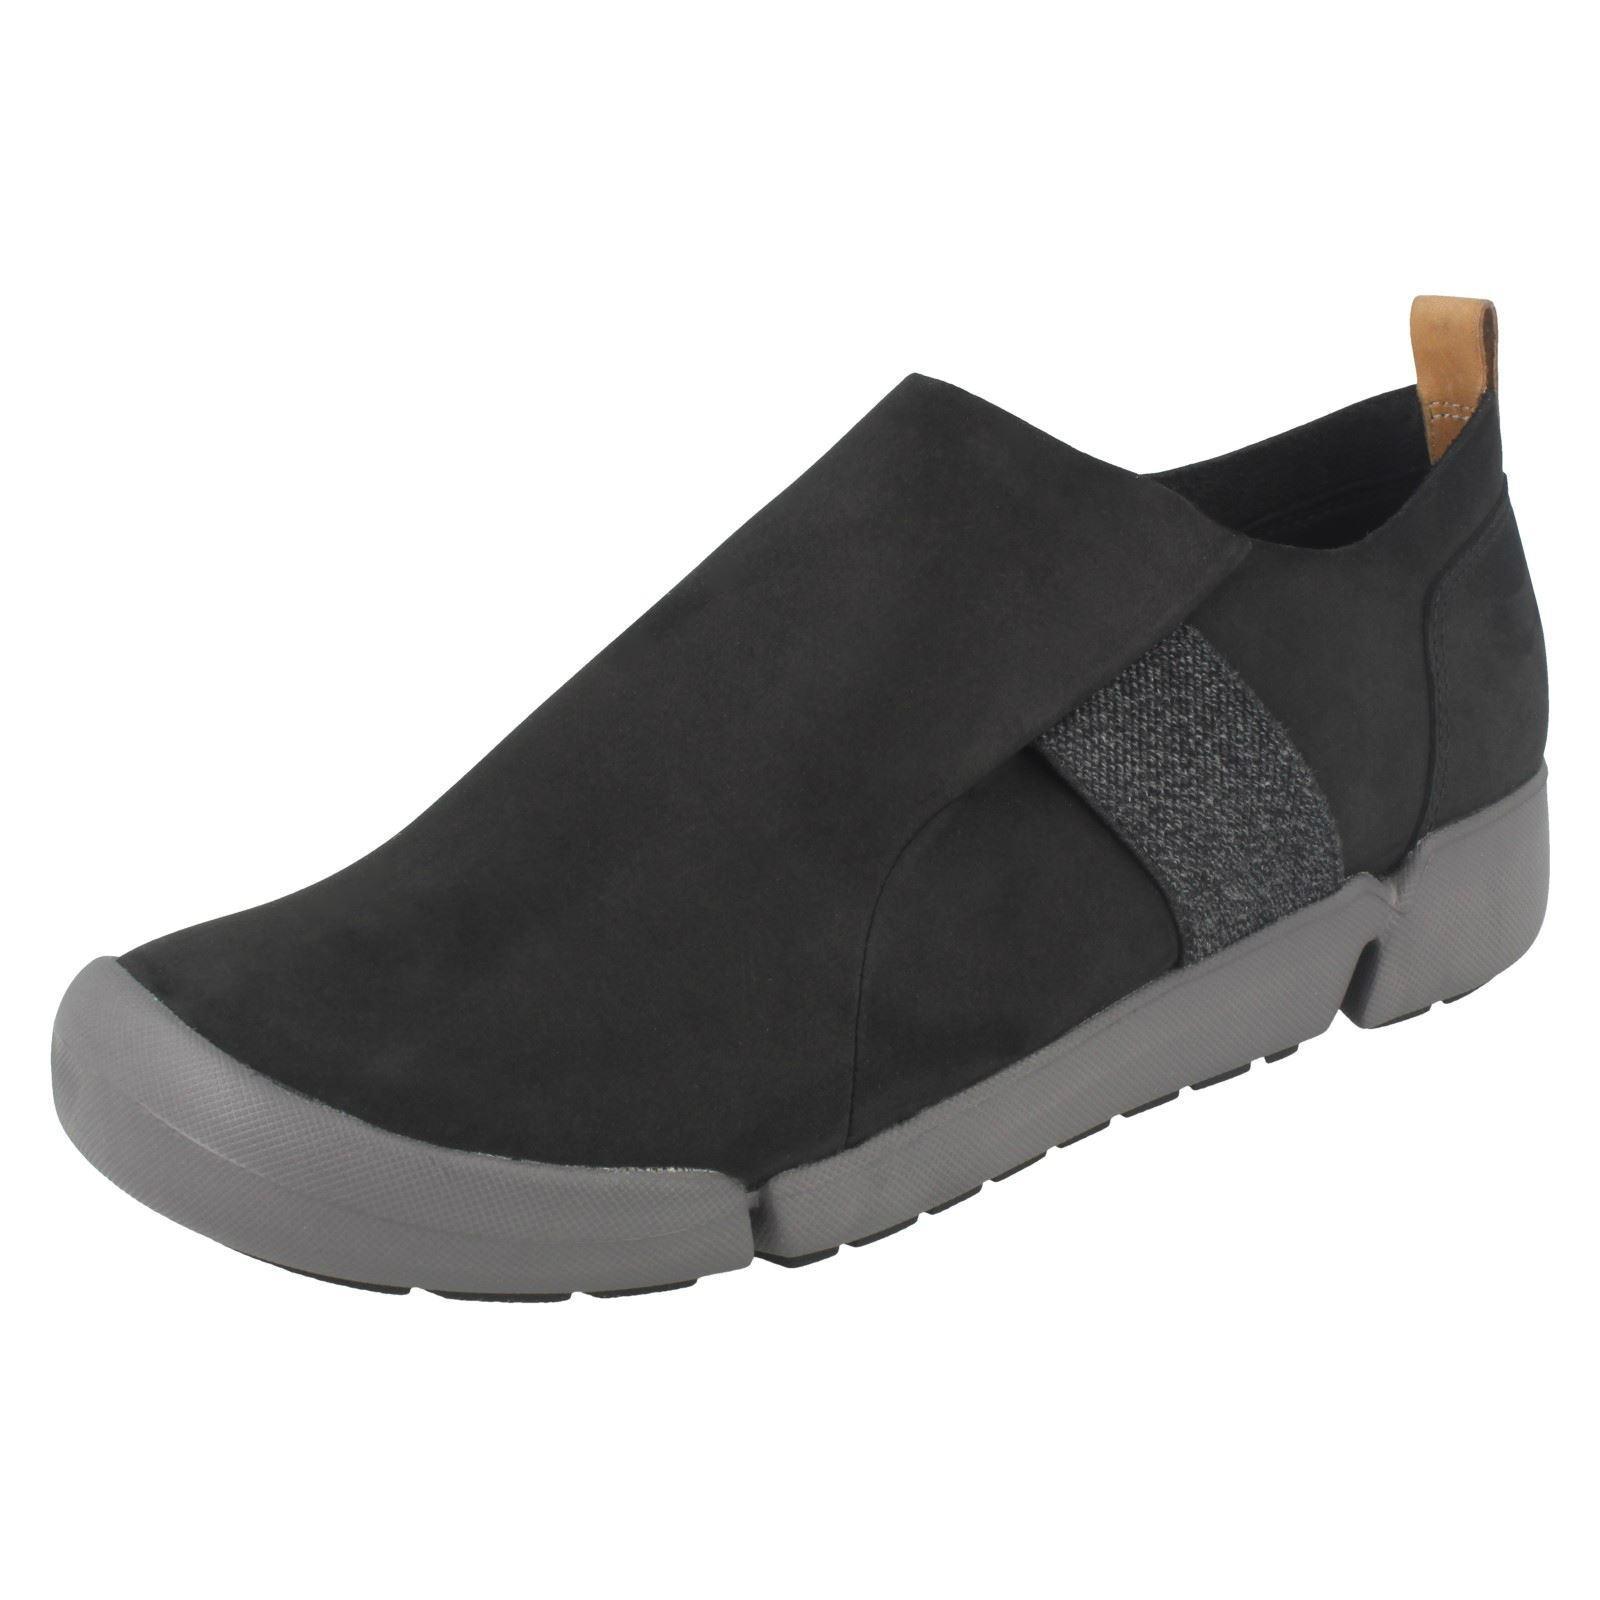 Mujer Clarks Zapatos Zapatos Zapatos de Diario - Tri Azucena  precios mas bajos